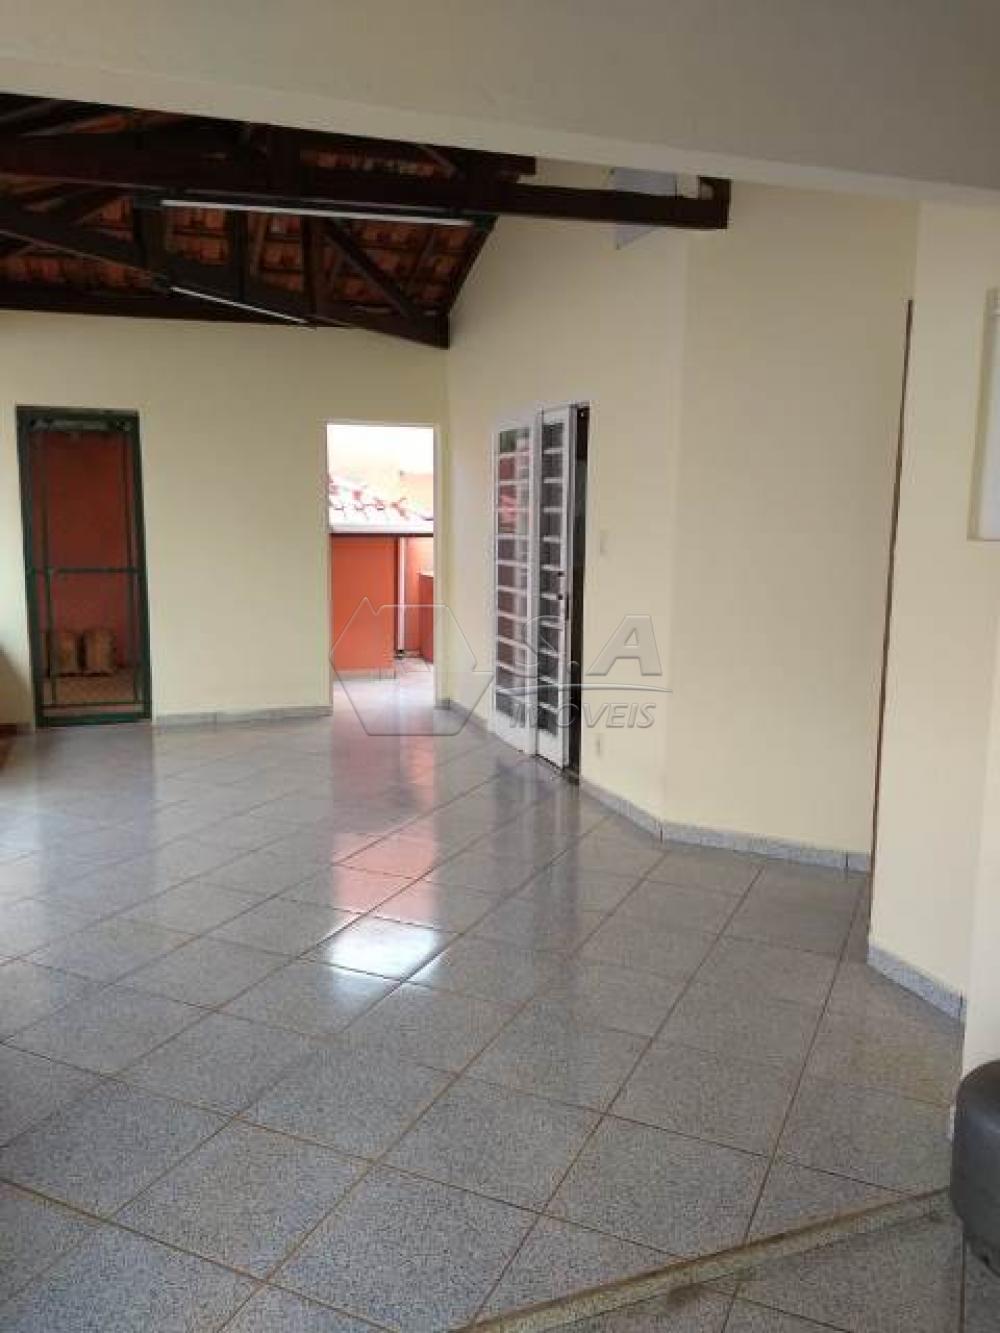 Comprar Casa / Padrão em Botucatu apenas R$ 700.000,00 - Foto 24